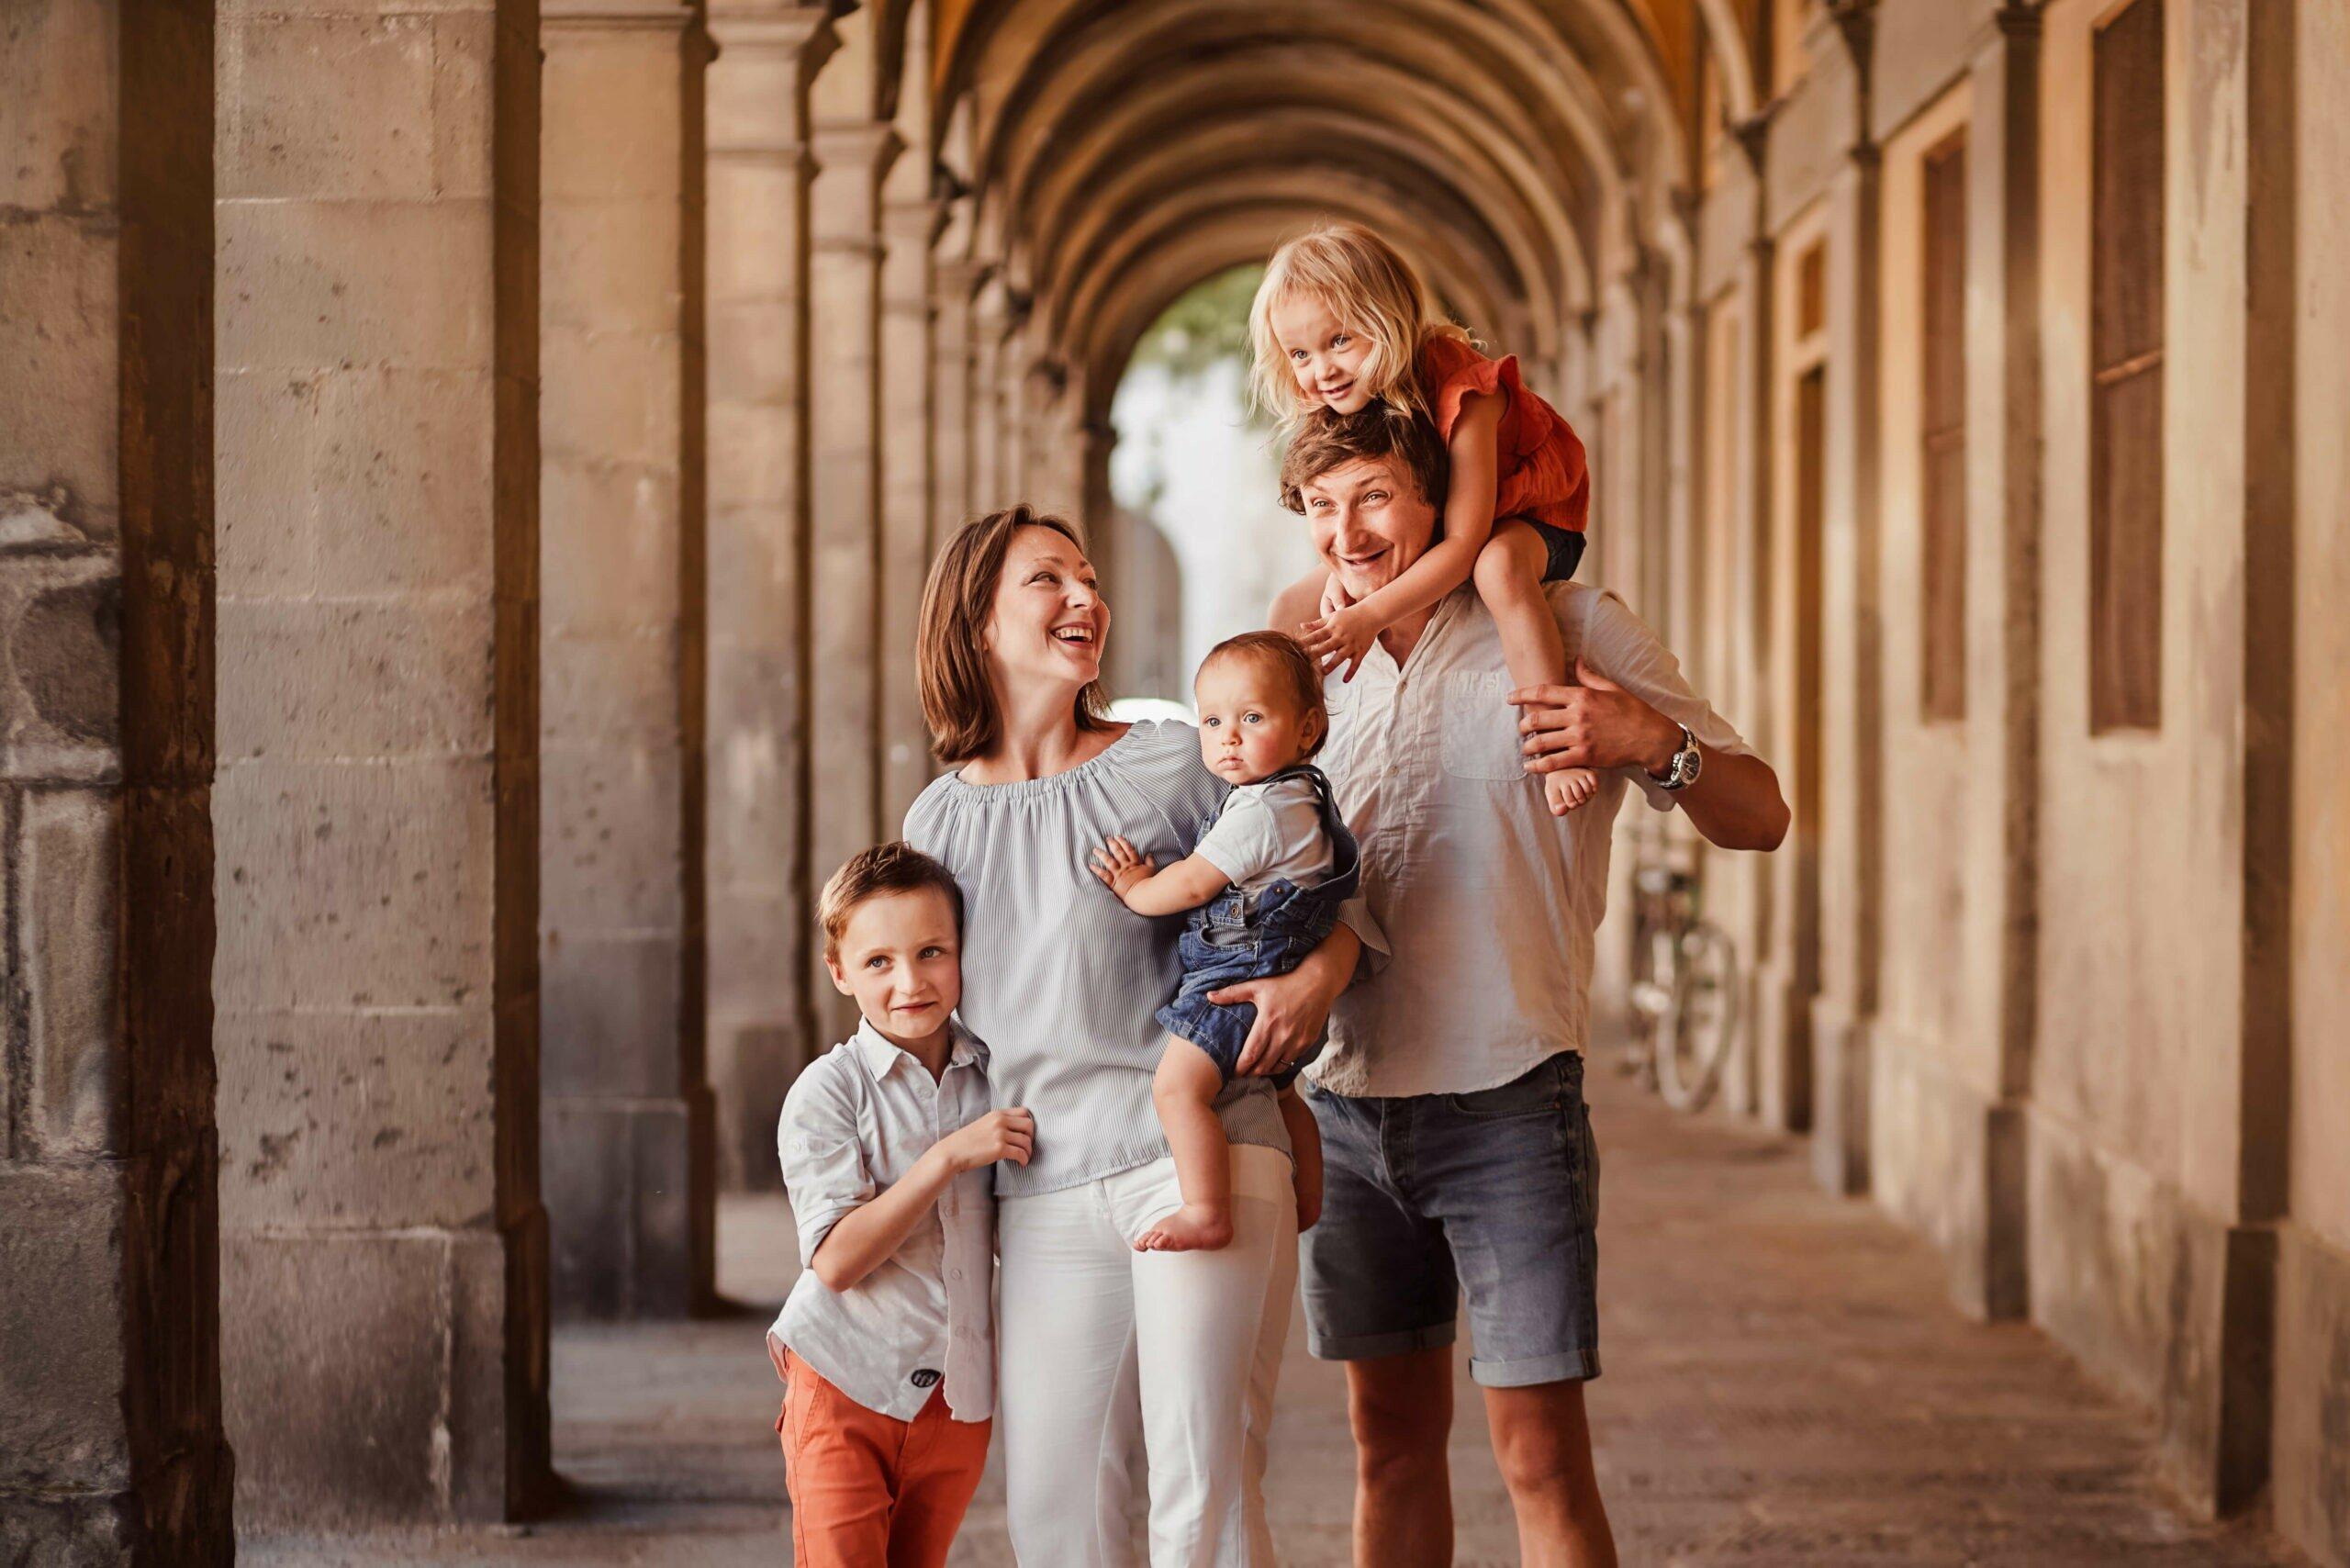 Familien Fotoshooting in Italien Ausland